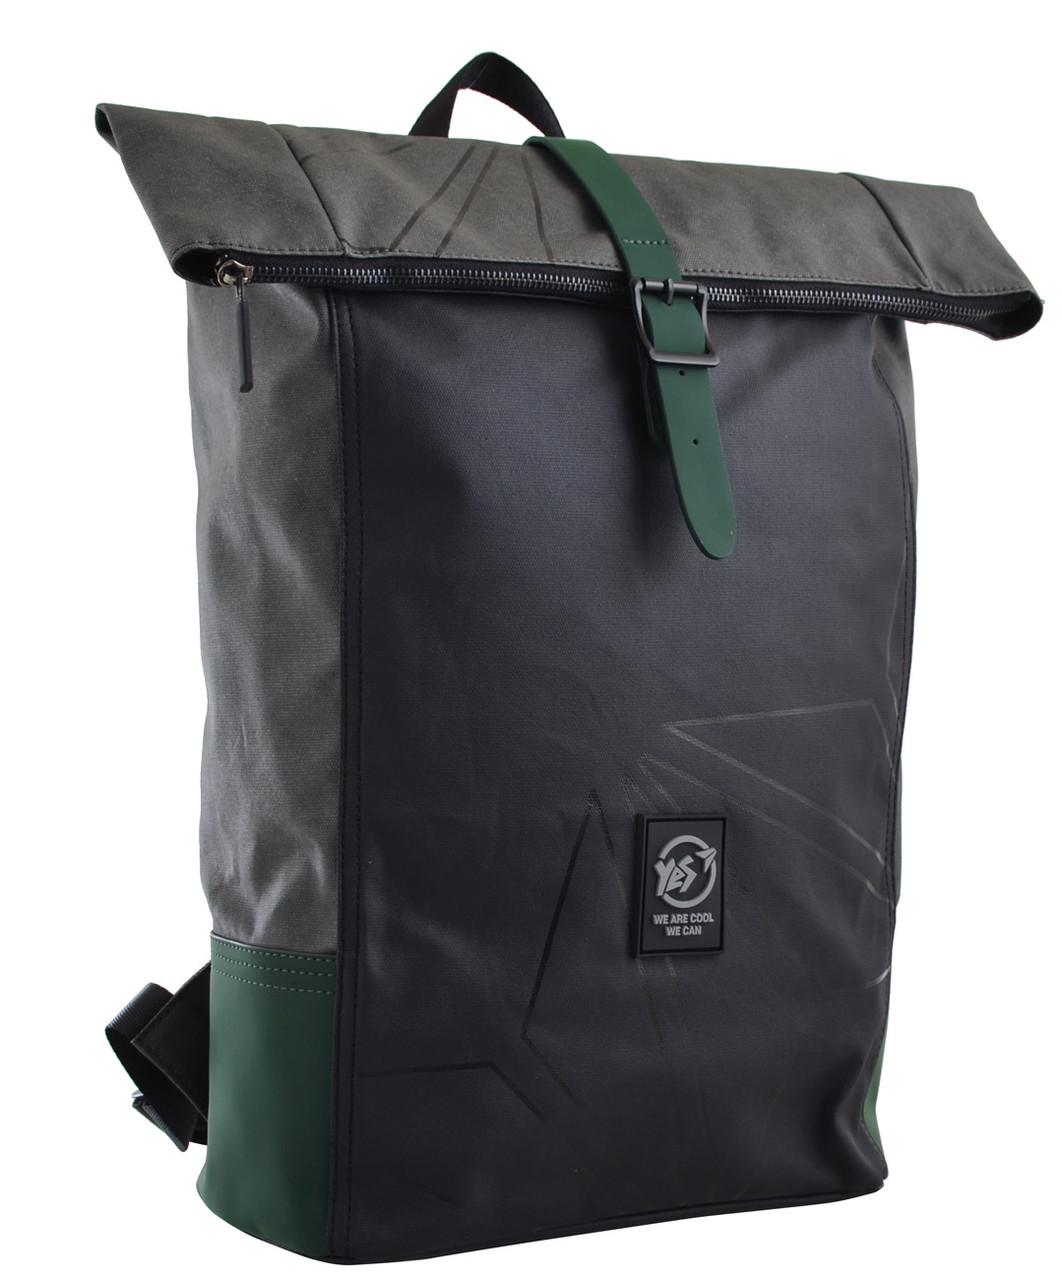 Рюкзак міський YES Roll-top T-77 17.5 л Green Anthracite (557430)